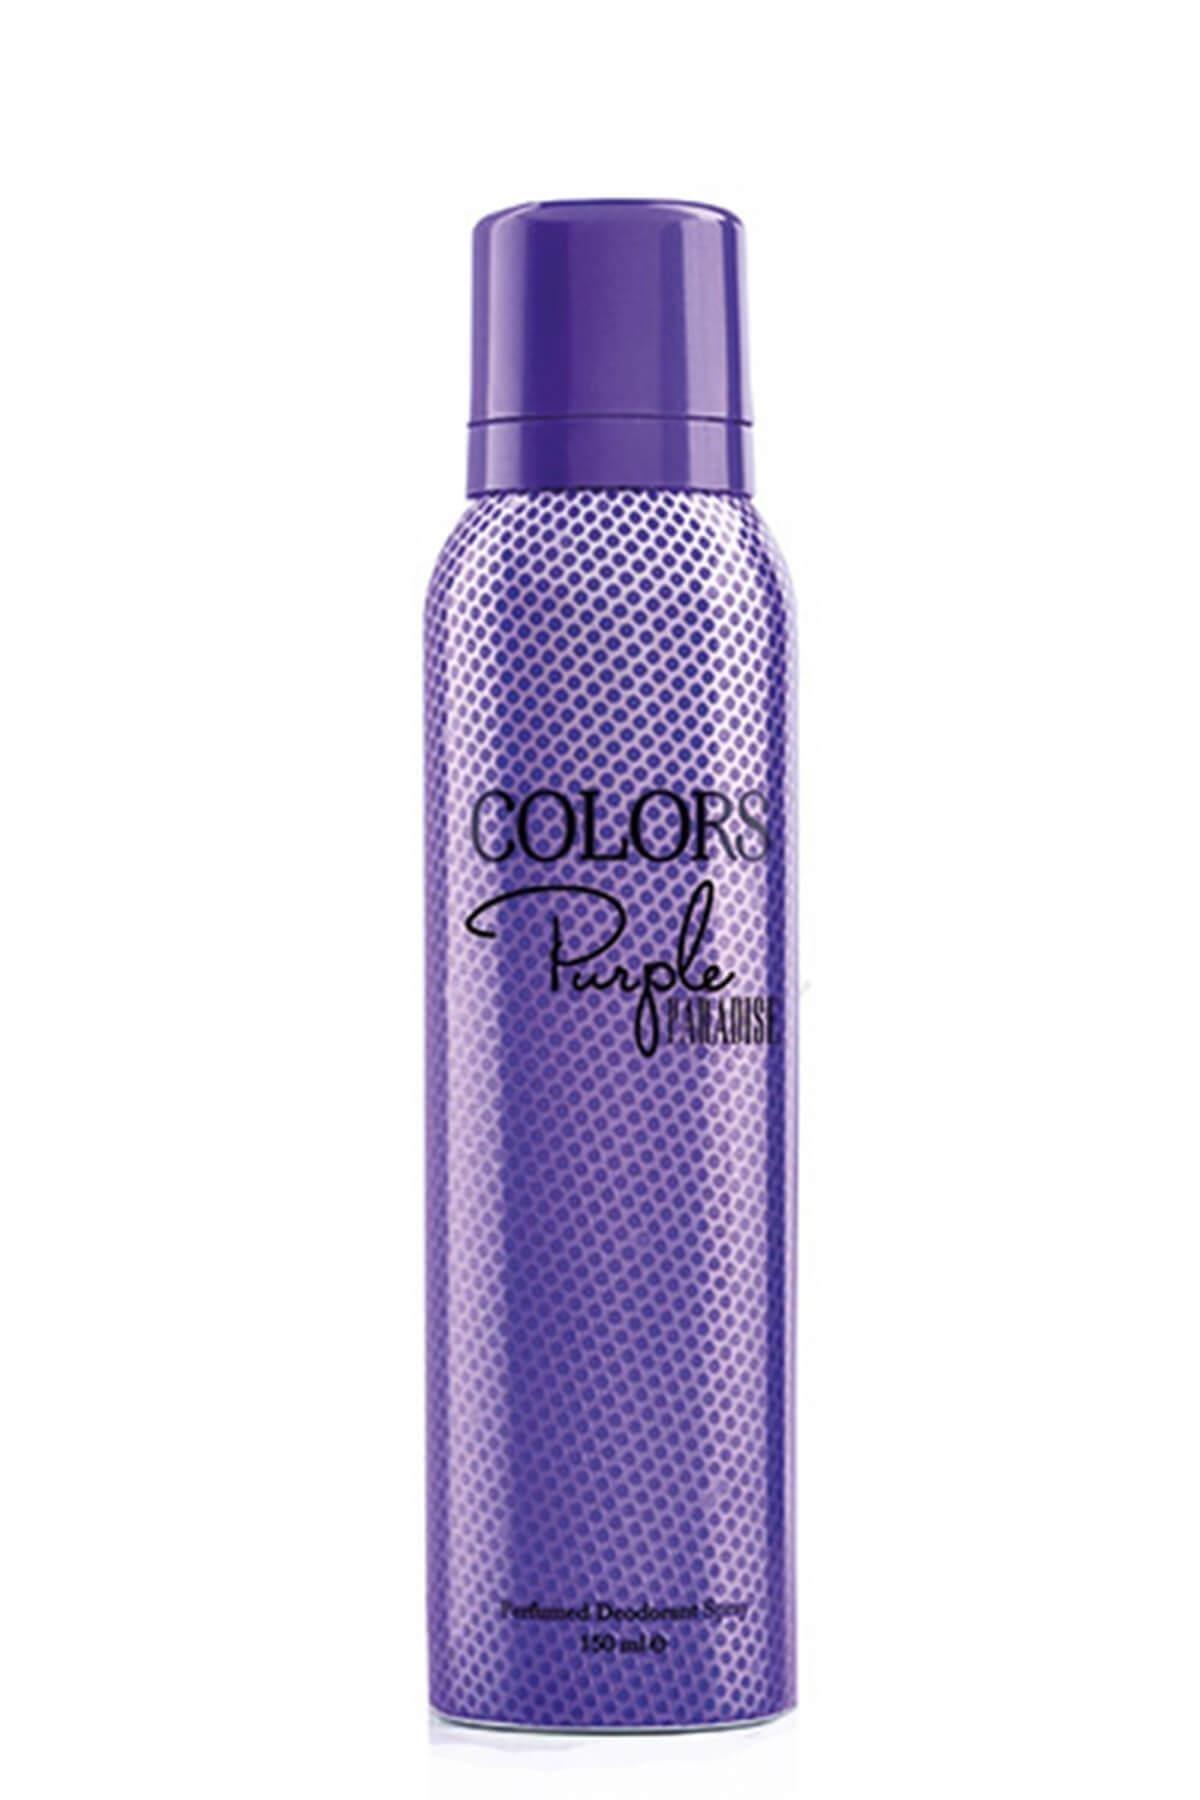 Rebul Colors Purple Bayan Deodorant 150 Ml 1